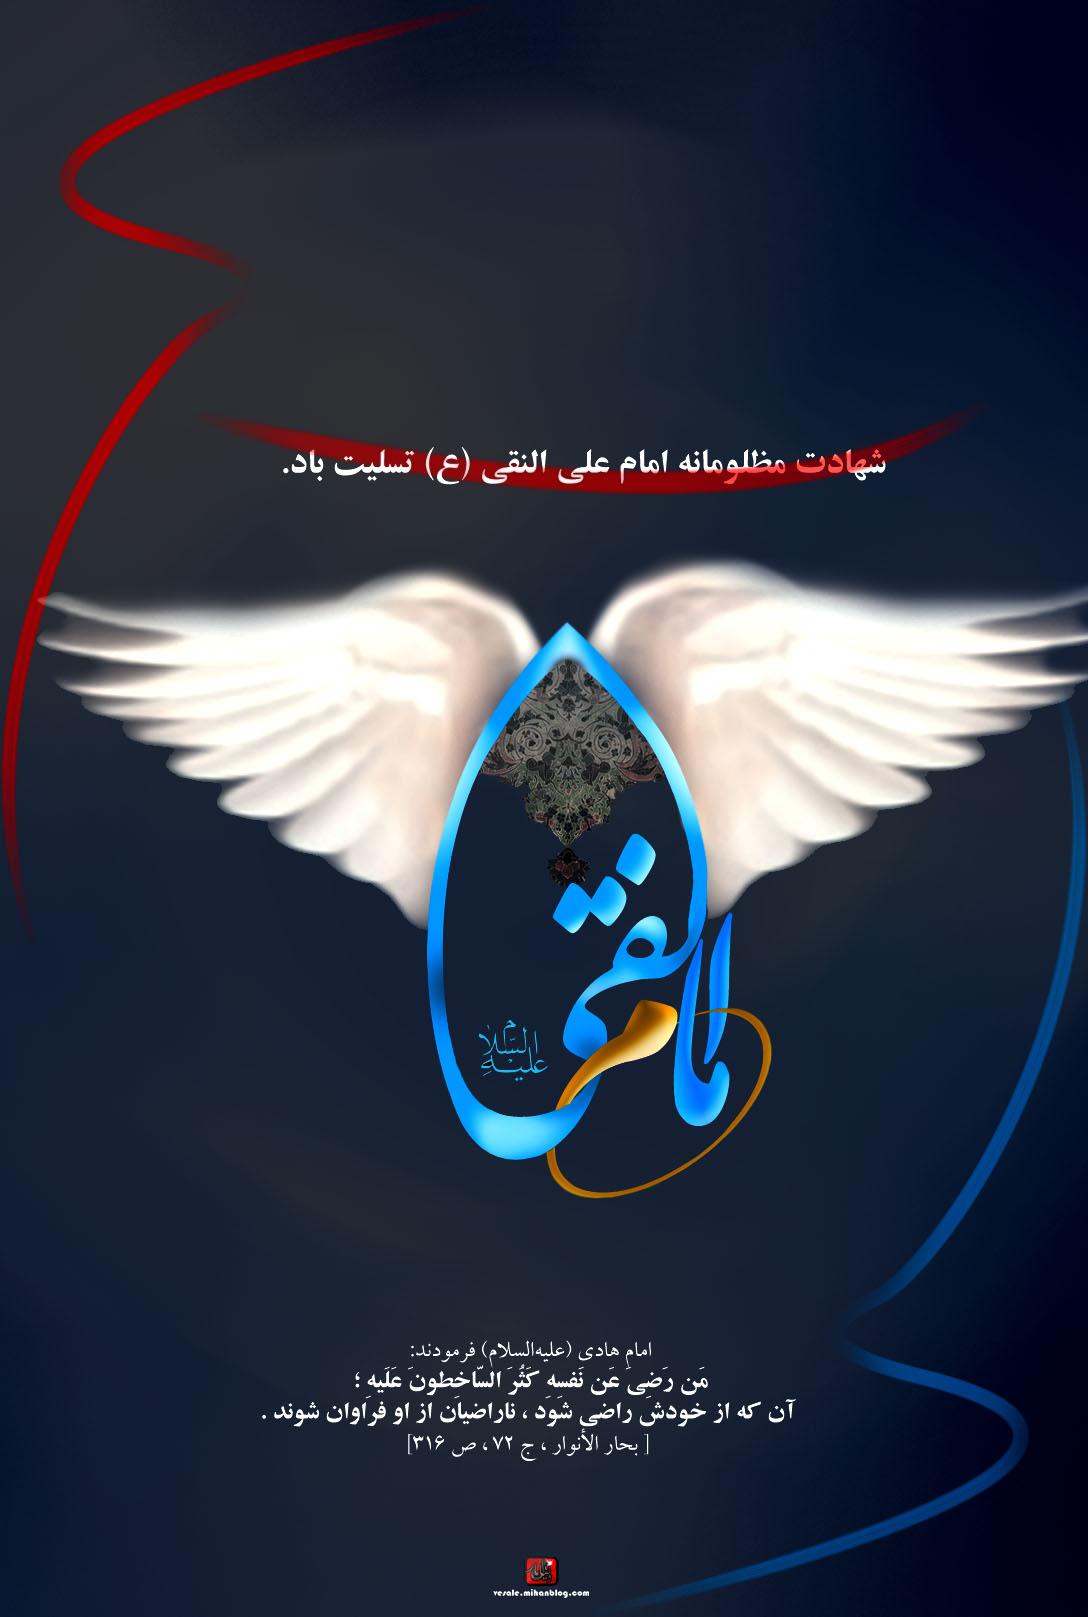 ⚜۩⚜ رهنمای آسمان و زمین ⚜۩⚜ ویژه نامه شهادت امام هادی علیه السلام